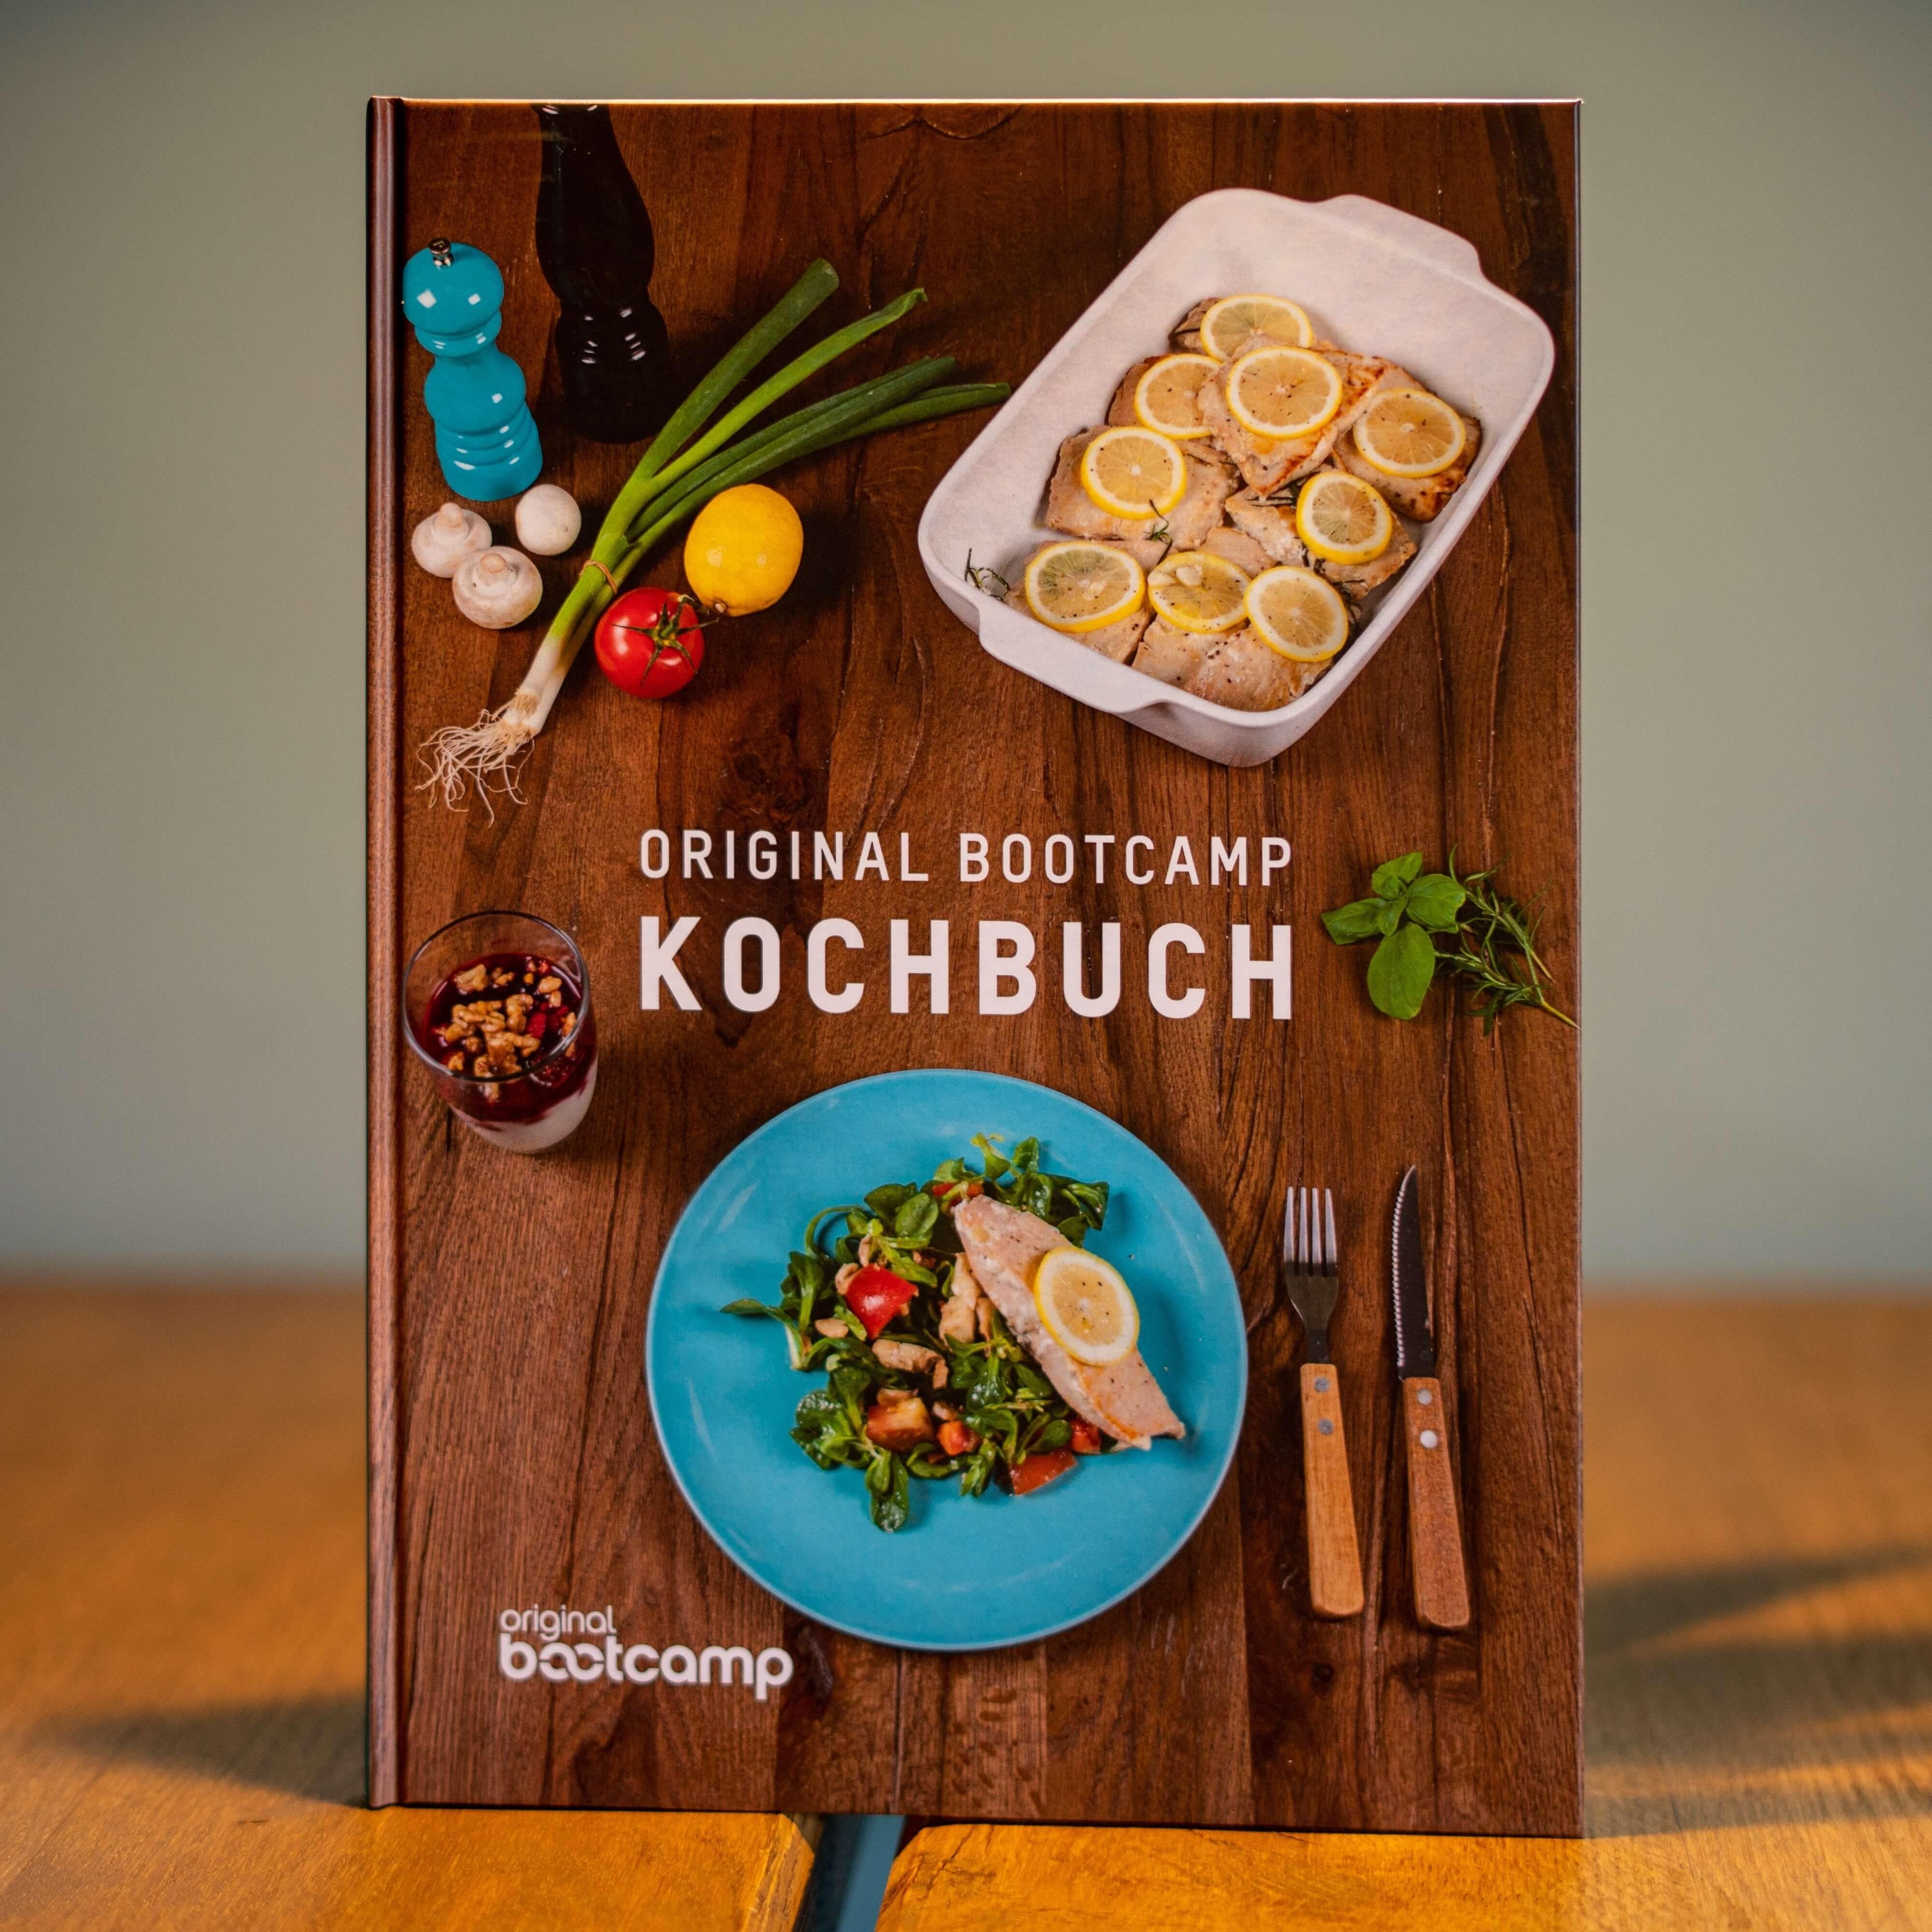 Original Bootcamp Kochbuch